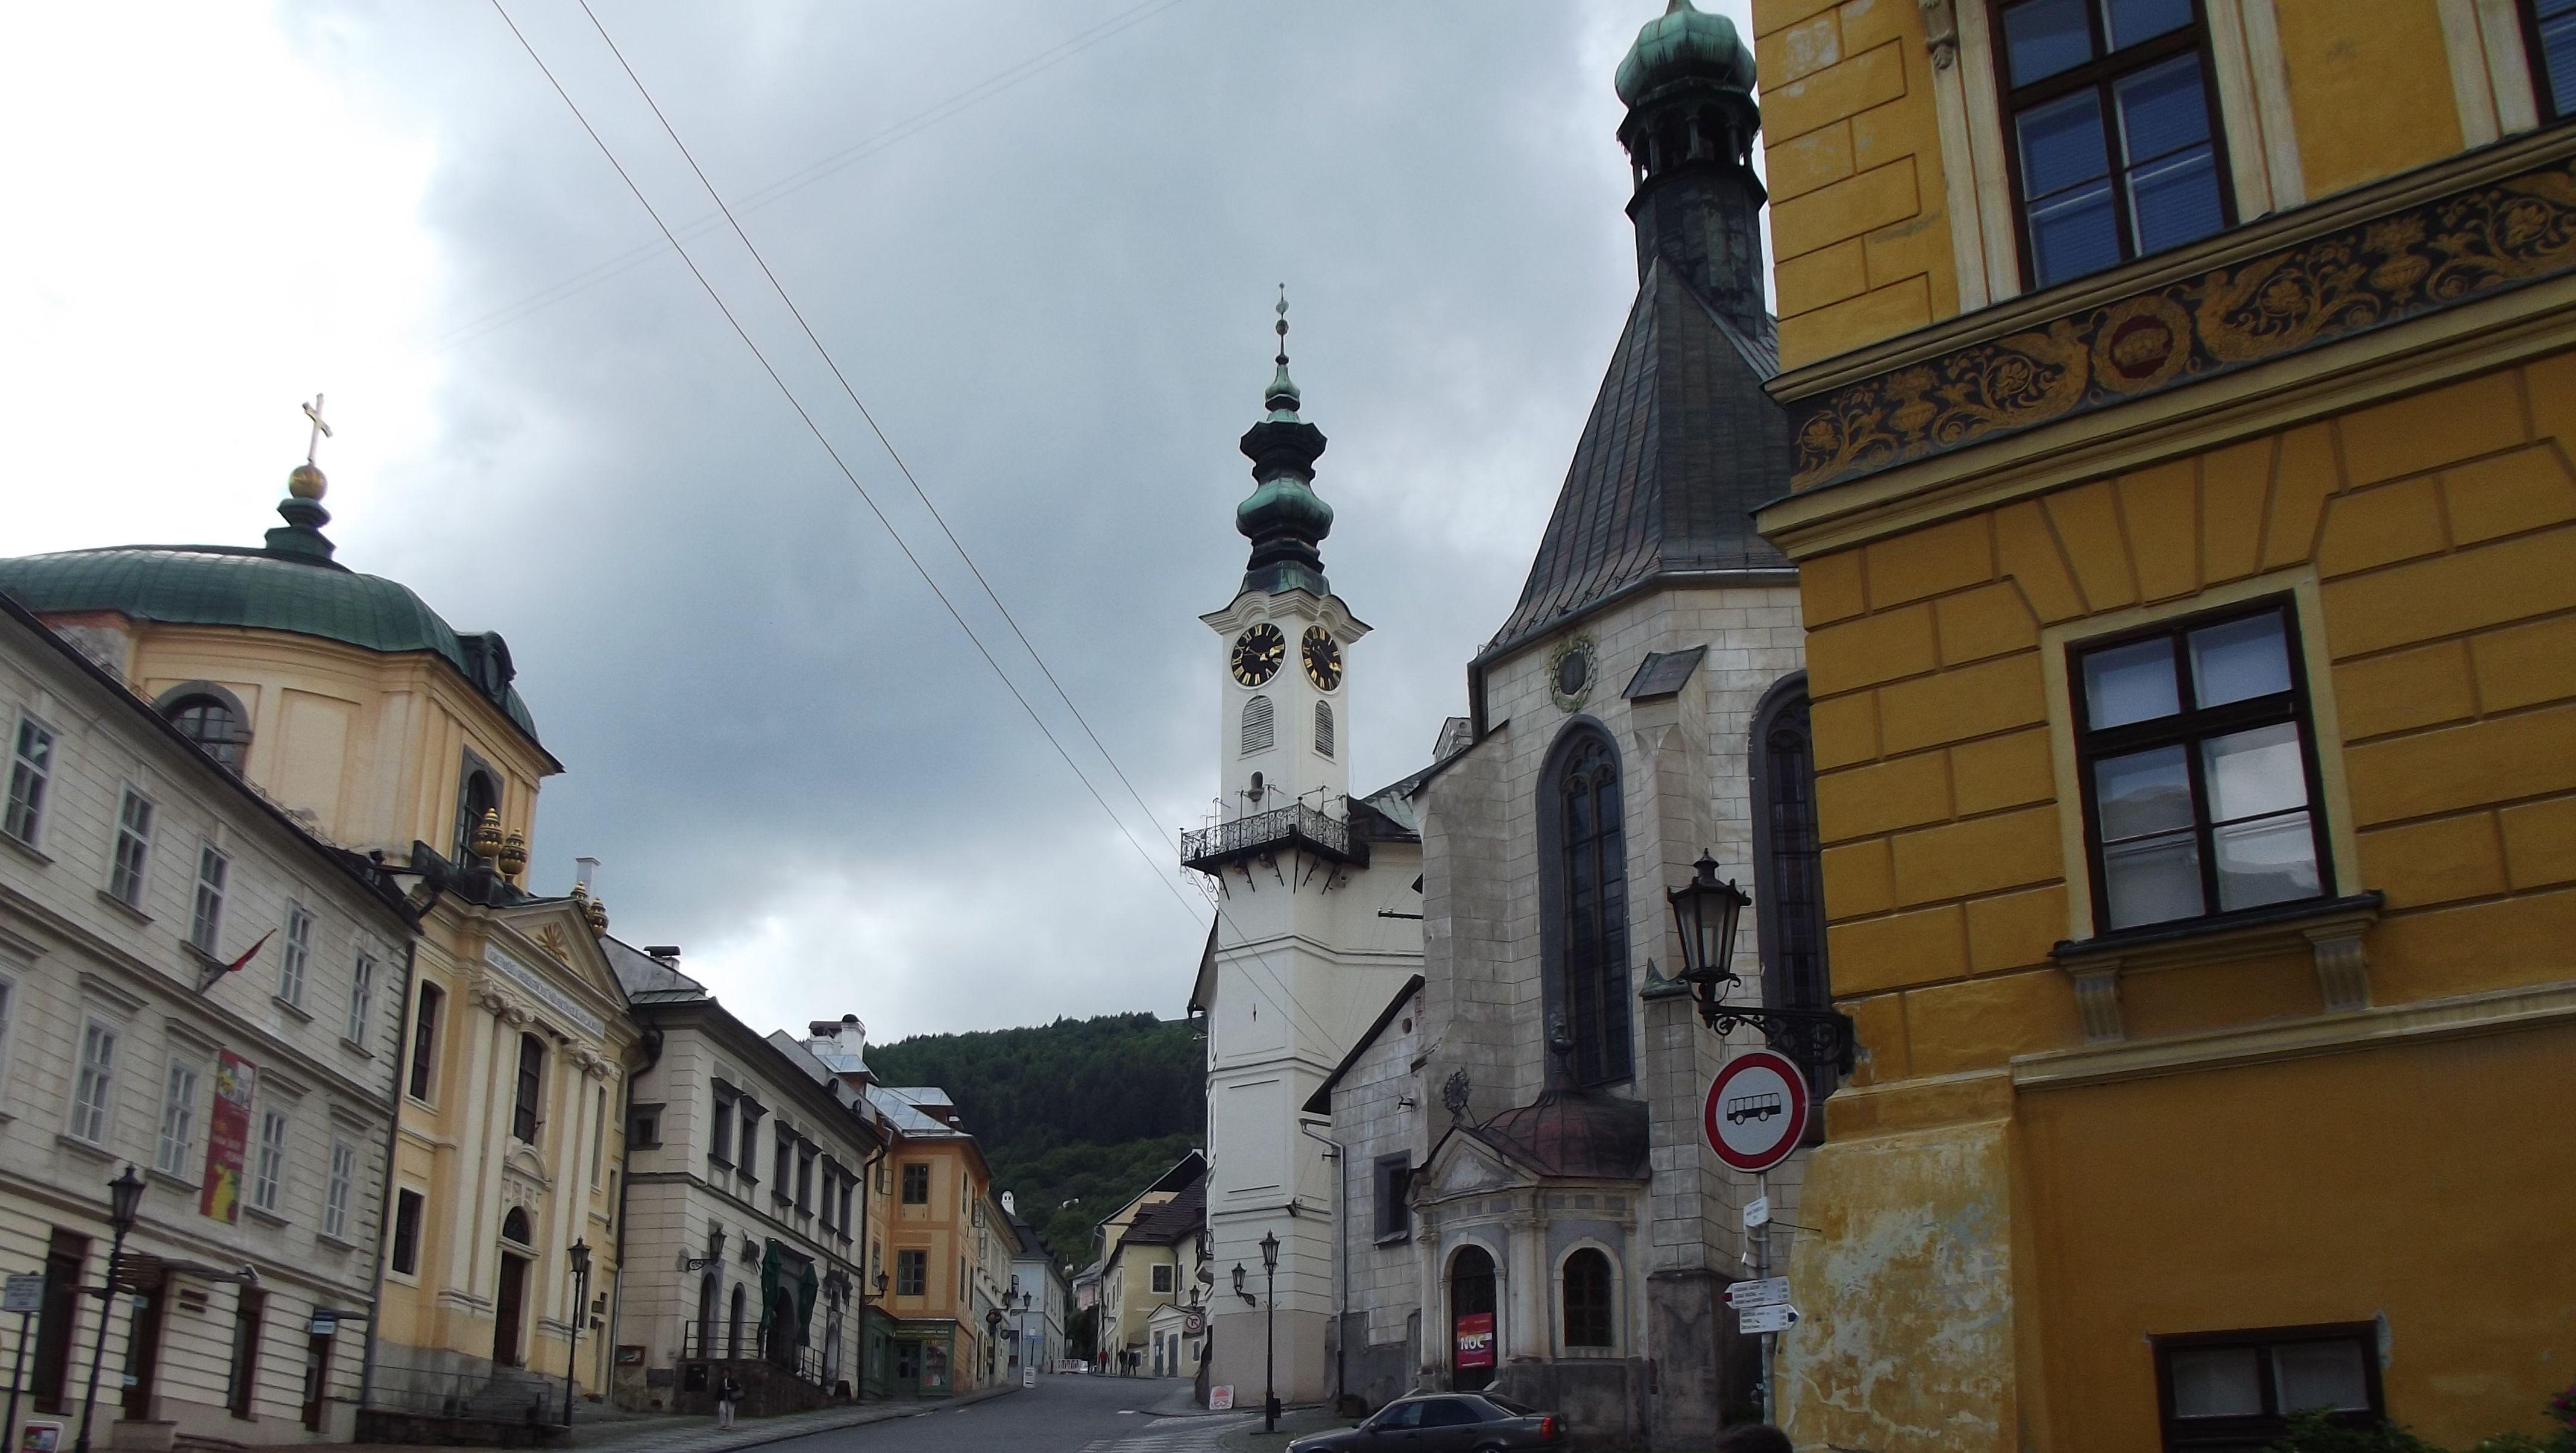 Szent Katalin templom, Városháza, Evangélikus templom